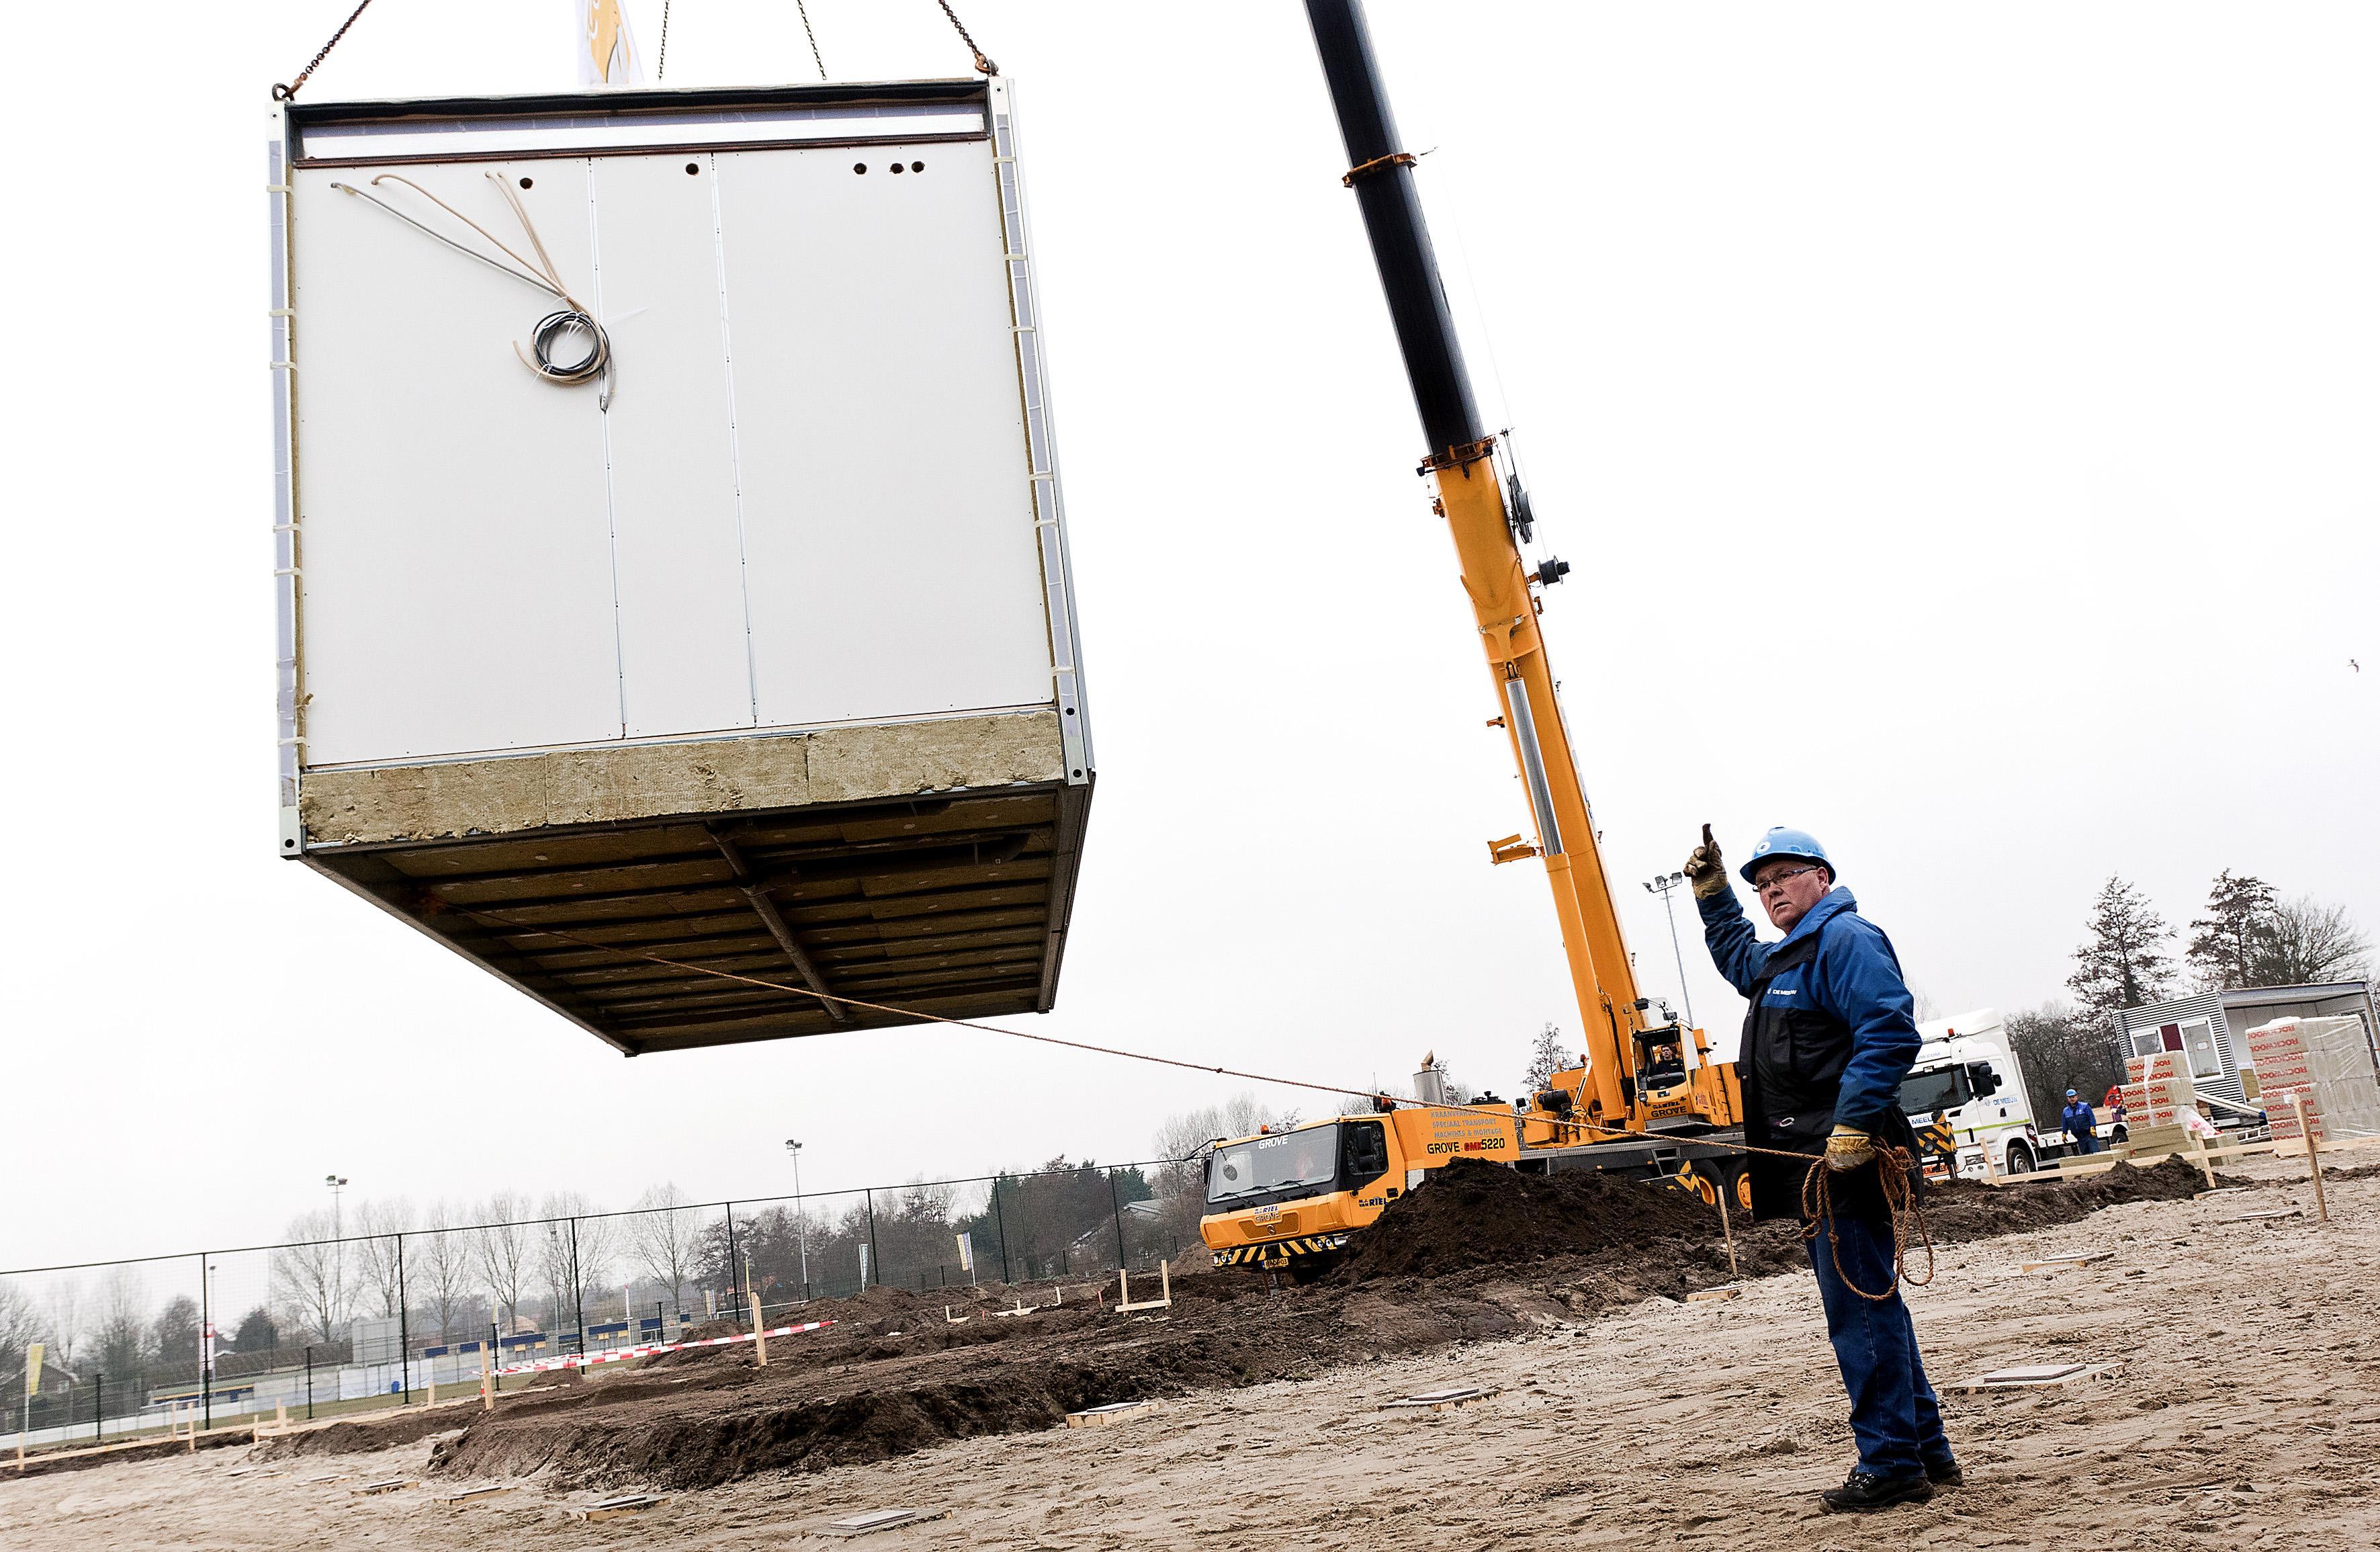 Gewraakte locaties van de baan in Akersloot, bewoners en gemeente gaan samen op zoek naar plaats voor flexwoningen